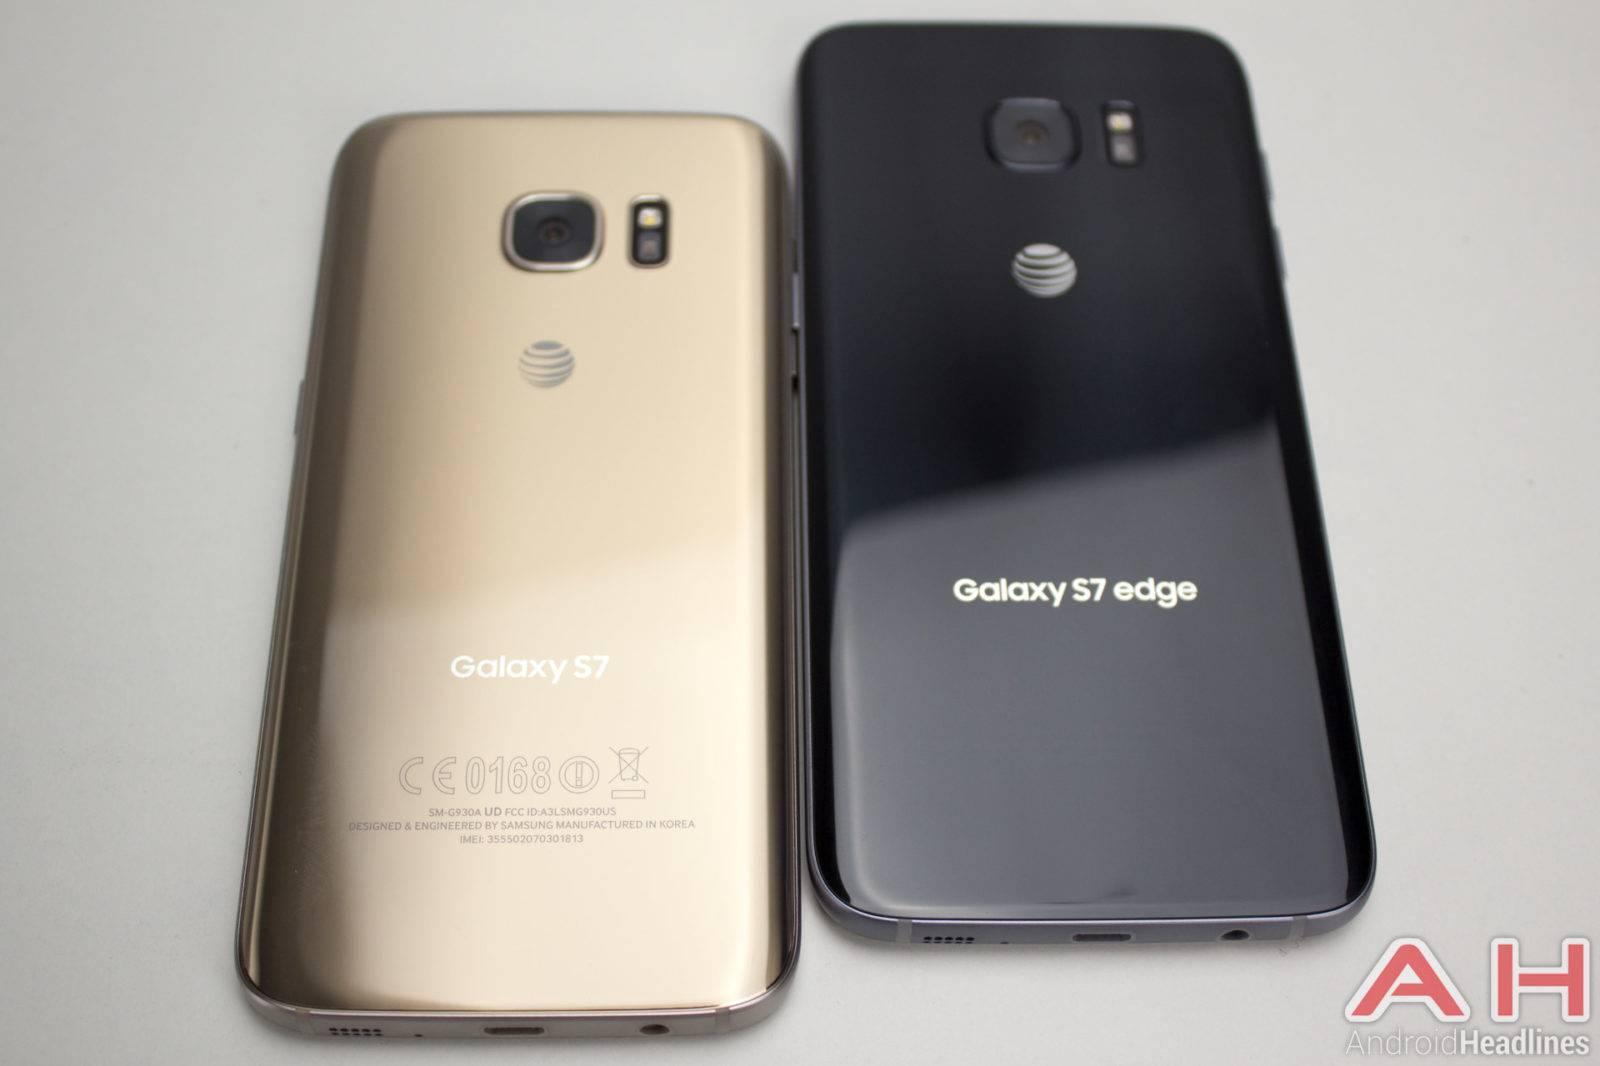 Samsung-Galaxy-S7-edge-compare-1